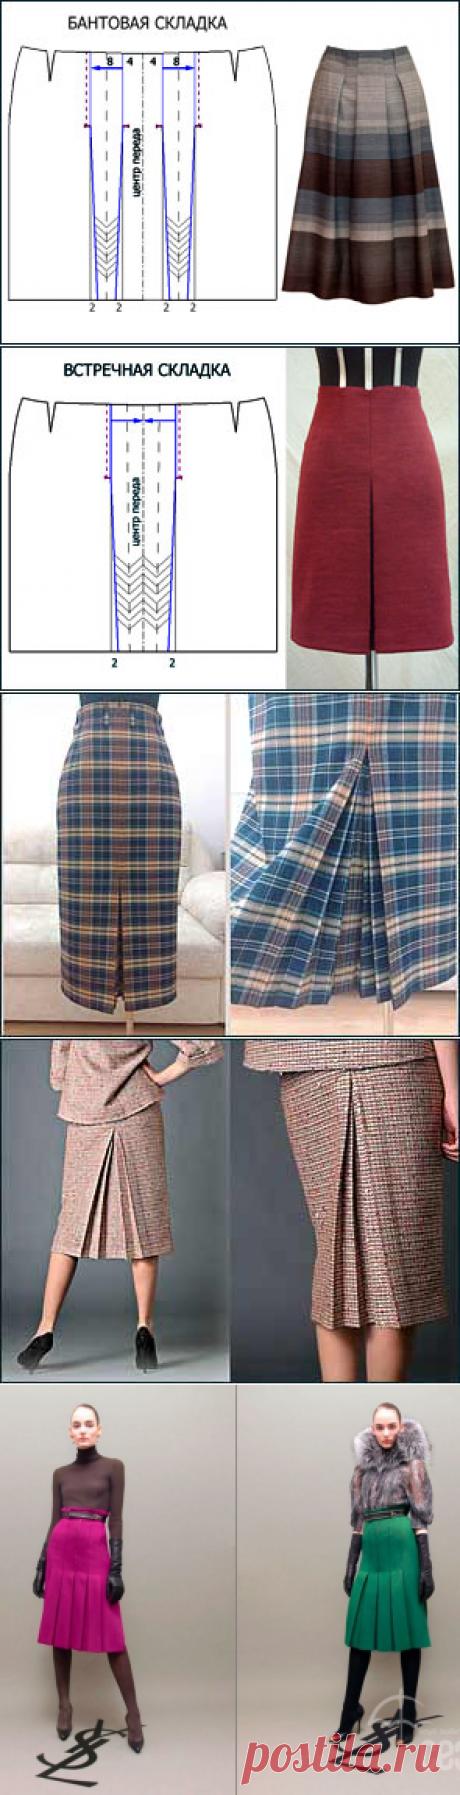 Шьем красивые юбки в складку